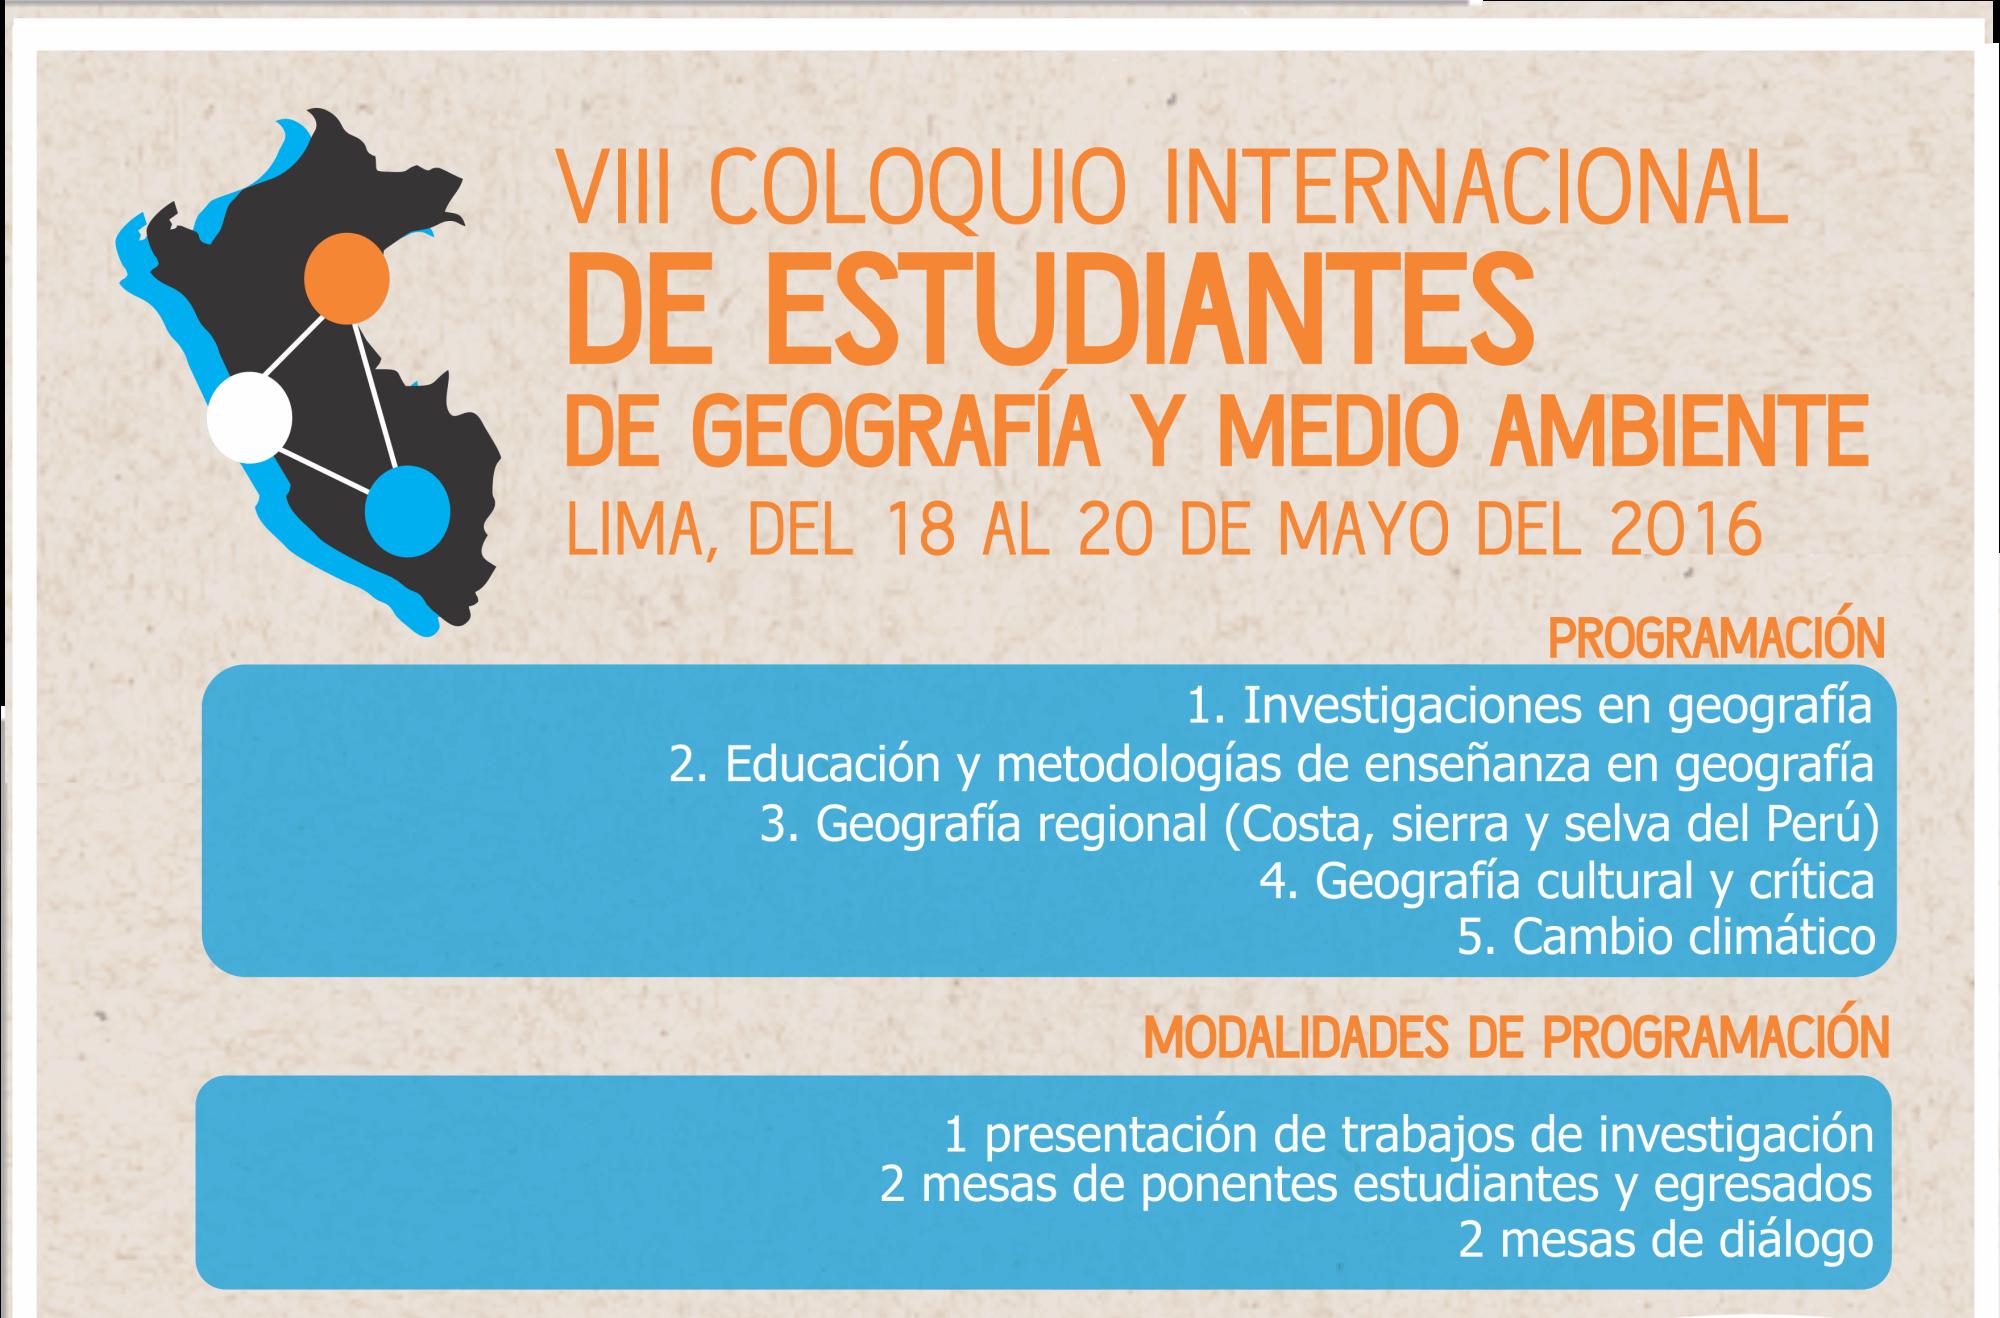 VIII Coloquio de Estudiantes de Geografía y Medio Ambiente